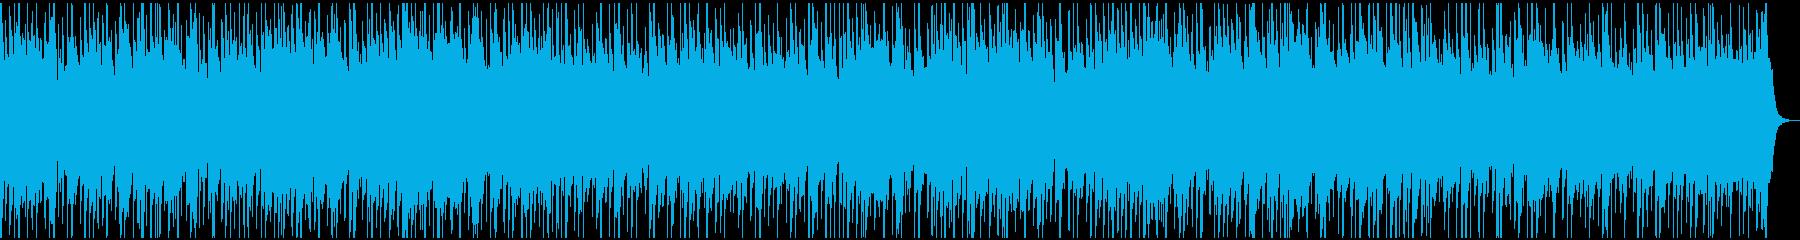 使いやすい!ポップな和風BGM 4の再生済みの波形